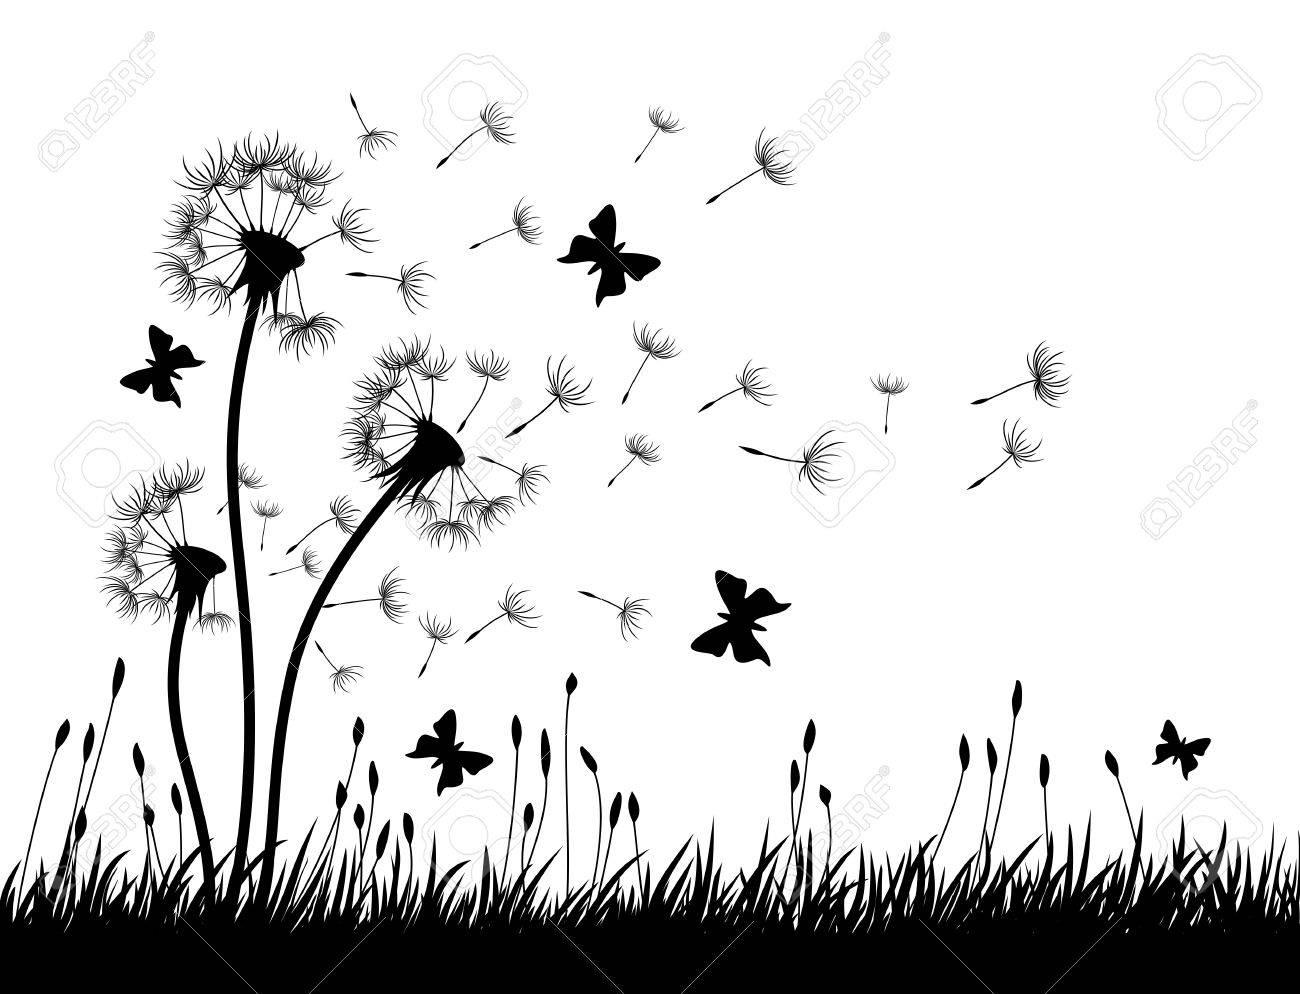 Dandelions with butterflies. - 67099602